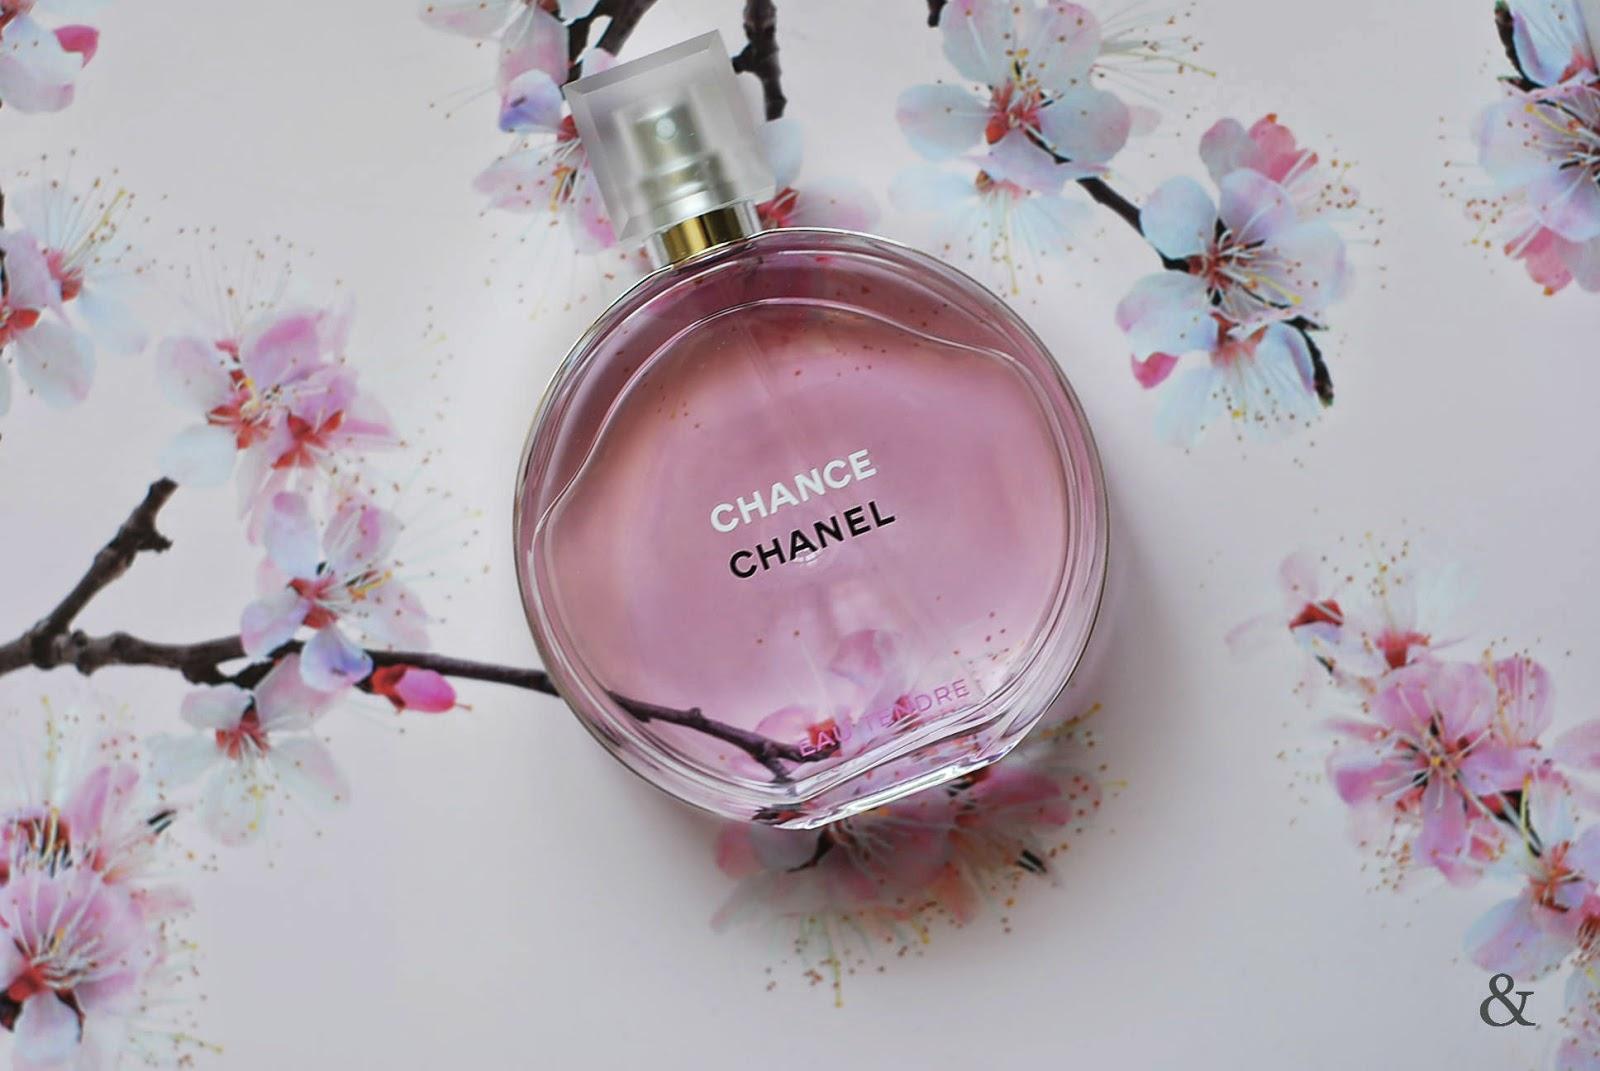 Chanel Chance Eau Tendre EDT 100ml For Women (Authentic Demo Unit) e5a0140ff910